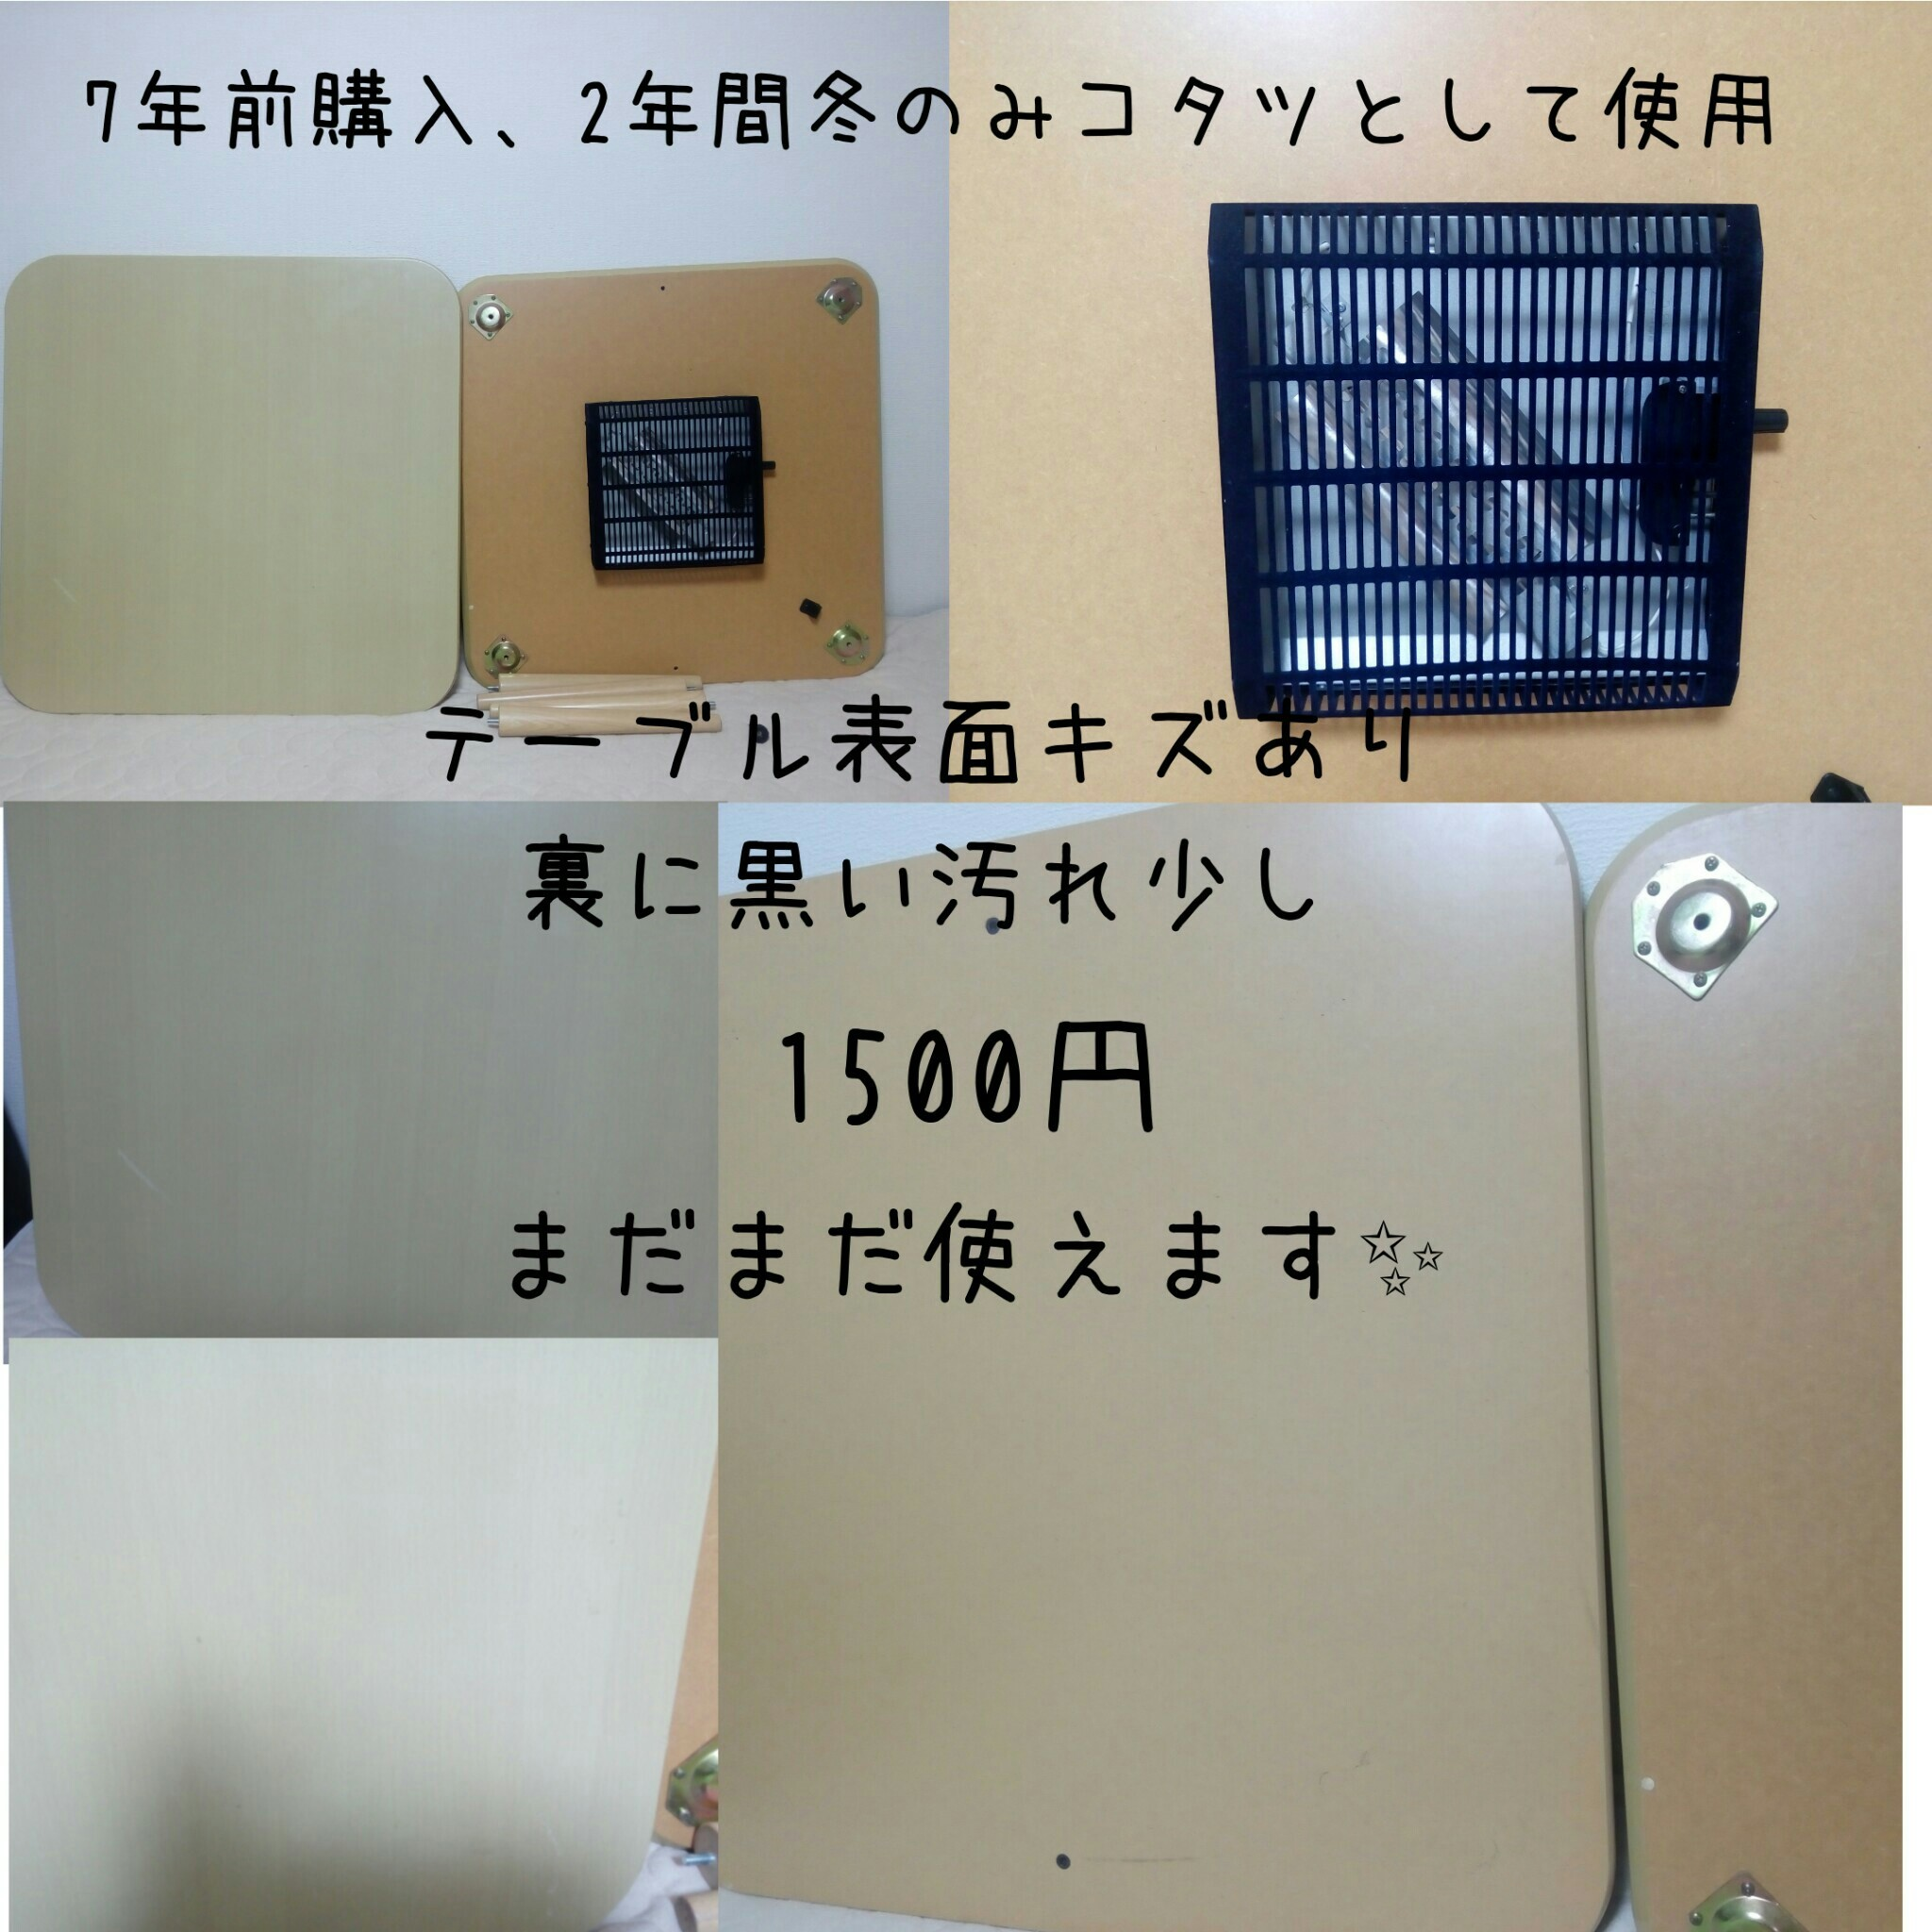 ⑥こたつ 1500円